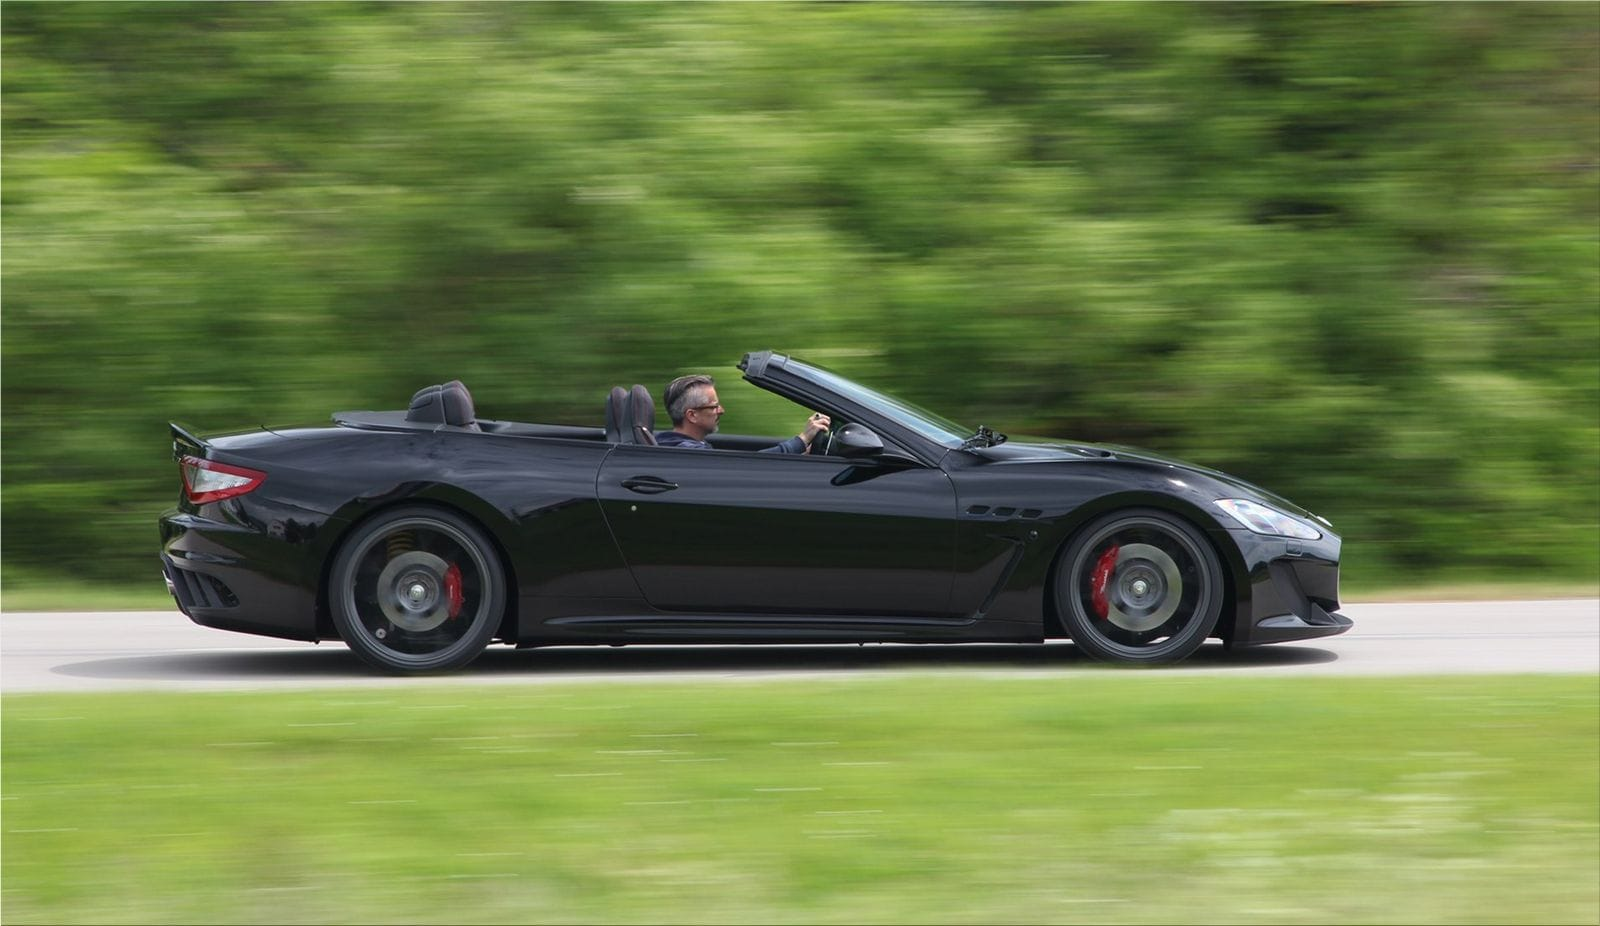 2013 Maserati GranCabrio MC by Novitec Tridente|Maserati|Car Division